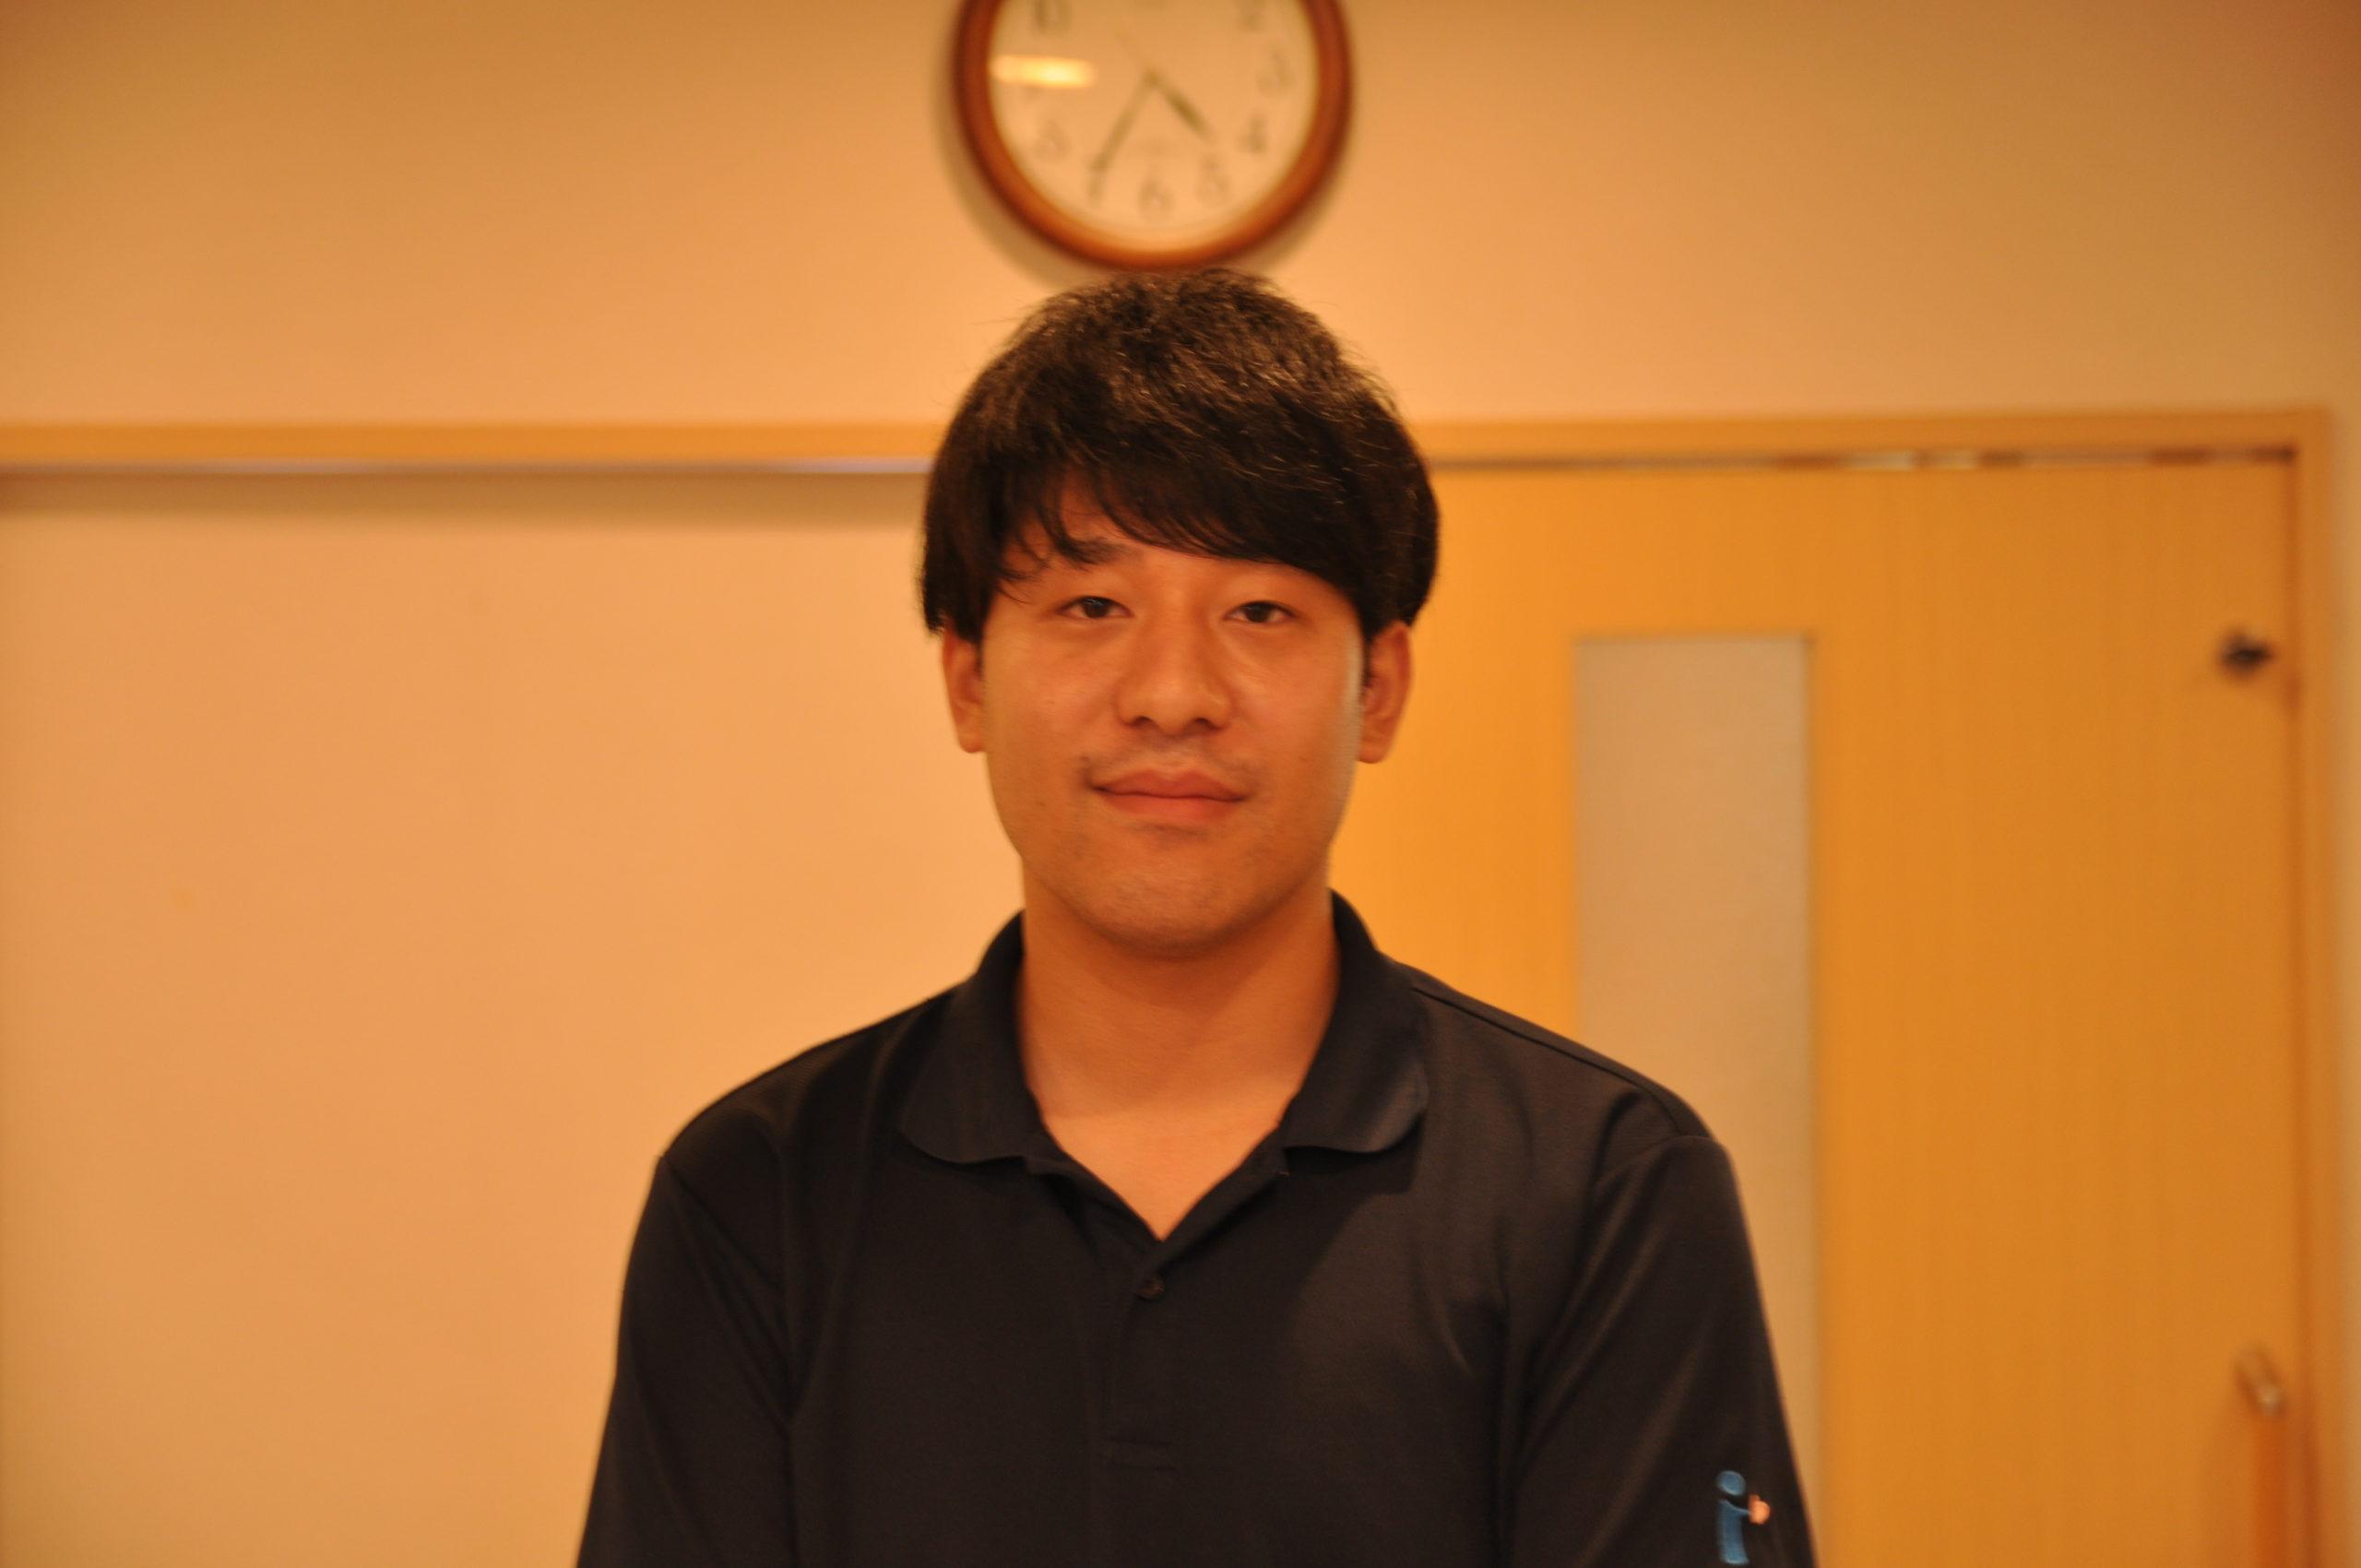 愛・コミュニティホームさいたま田島<br>管理者 髙木 さん